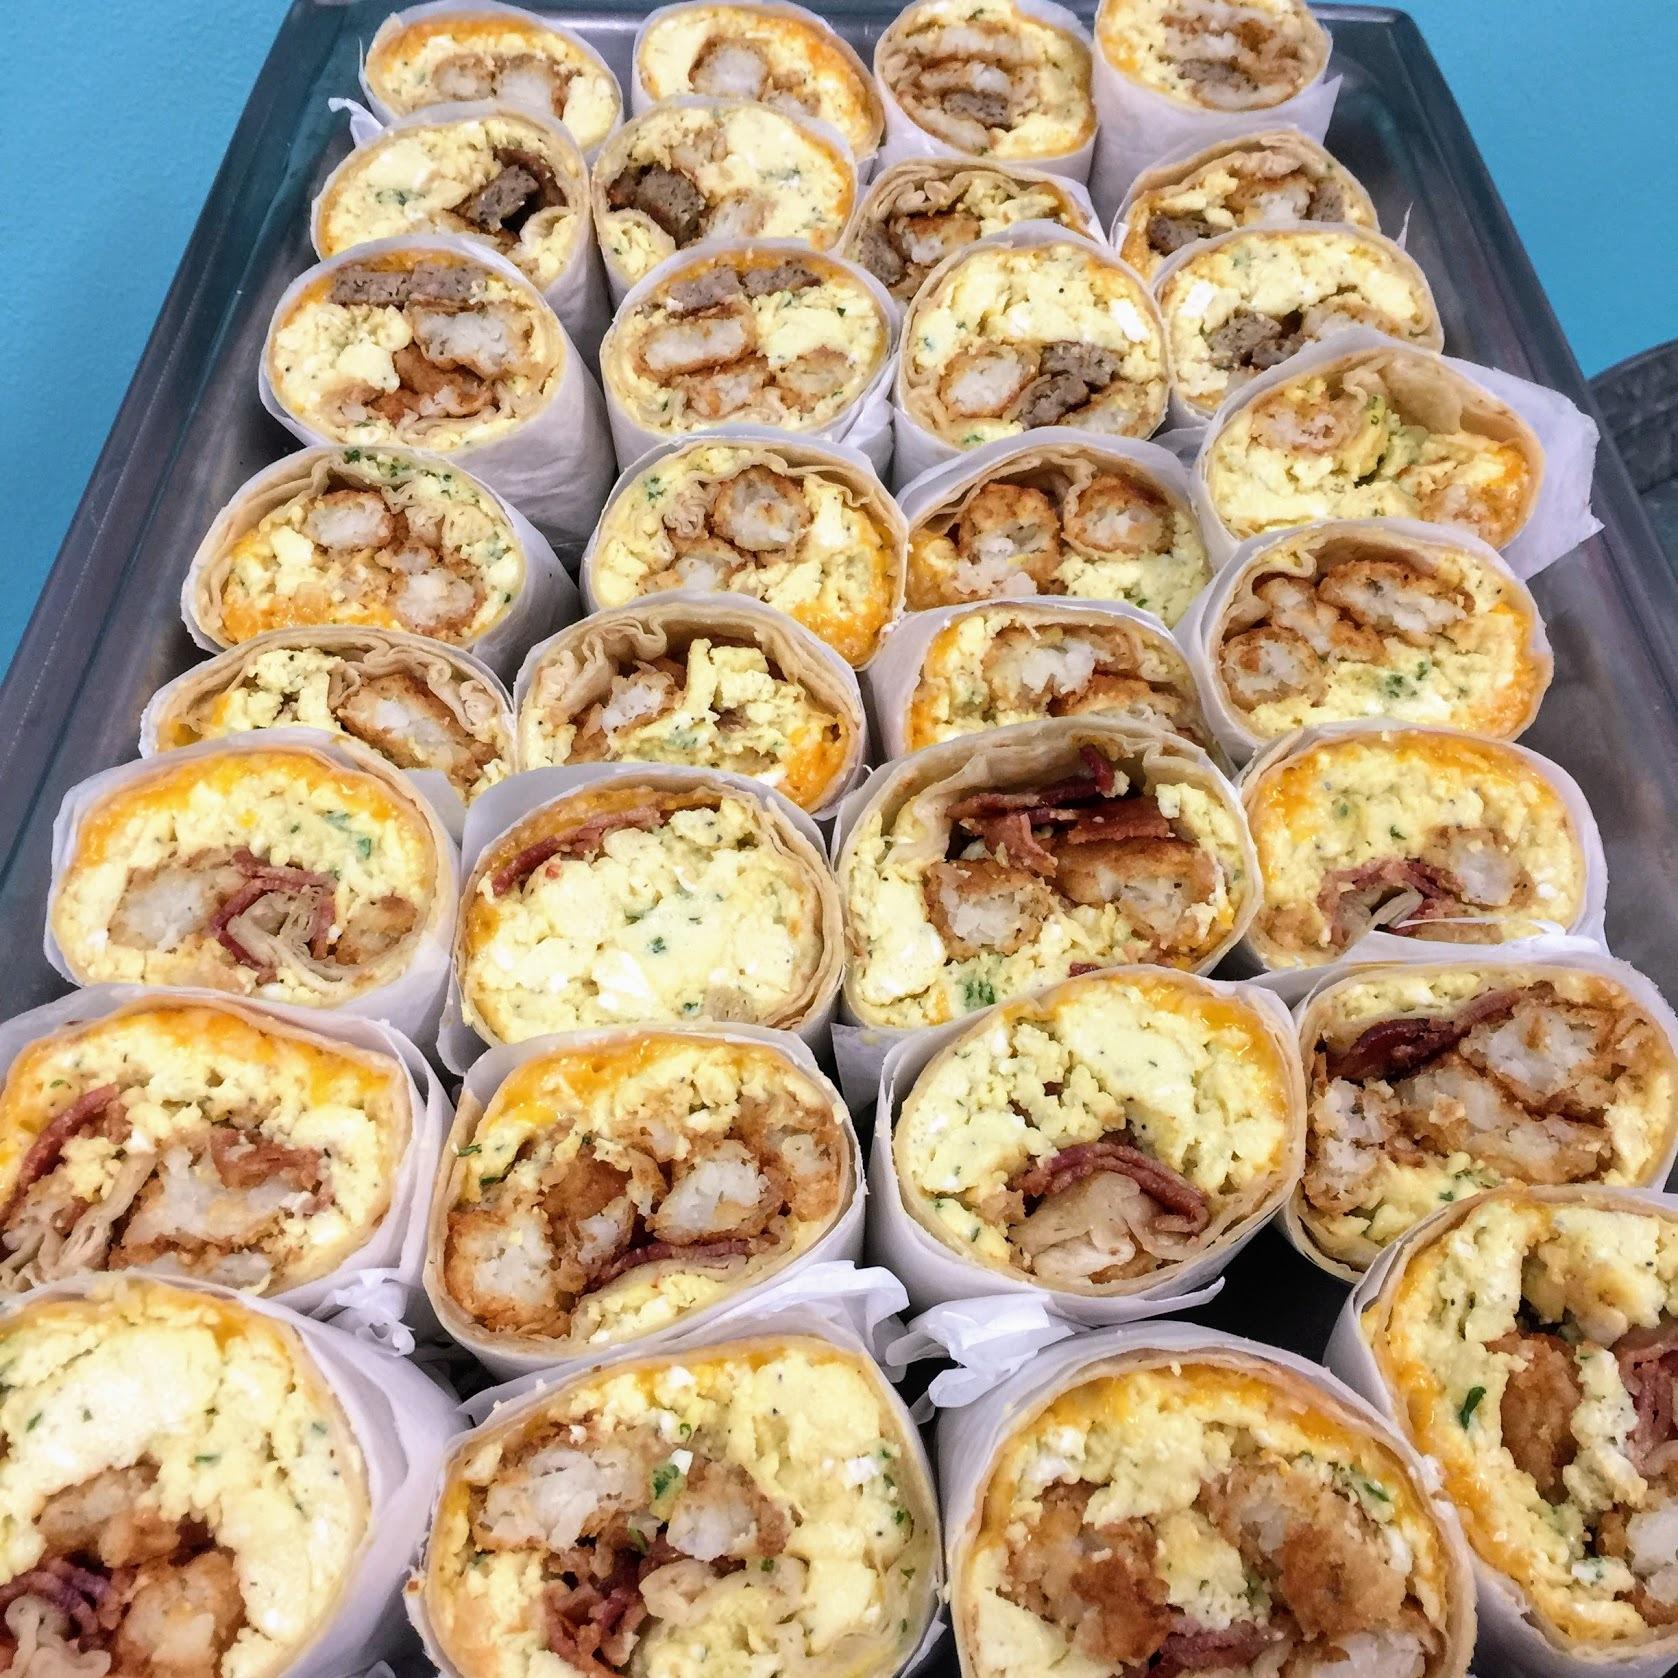 Breakfast Burrito Variety